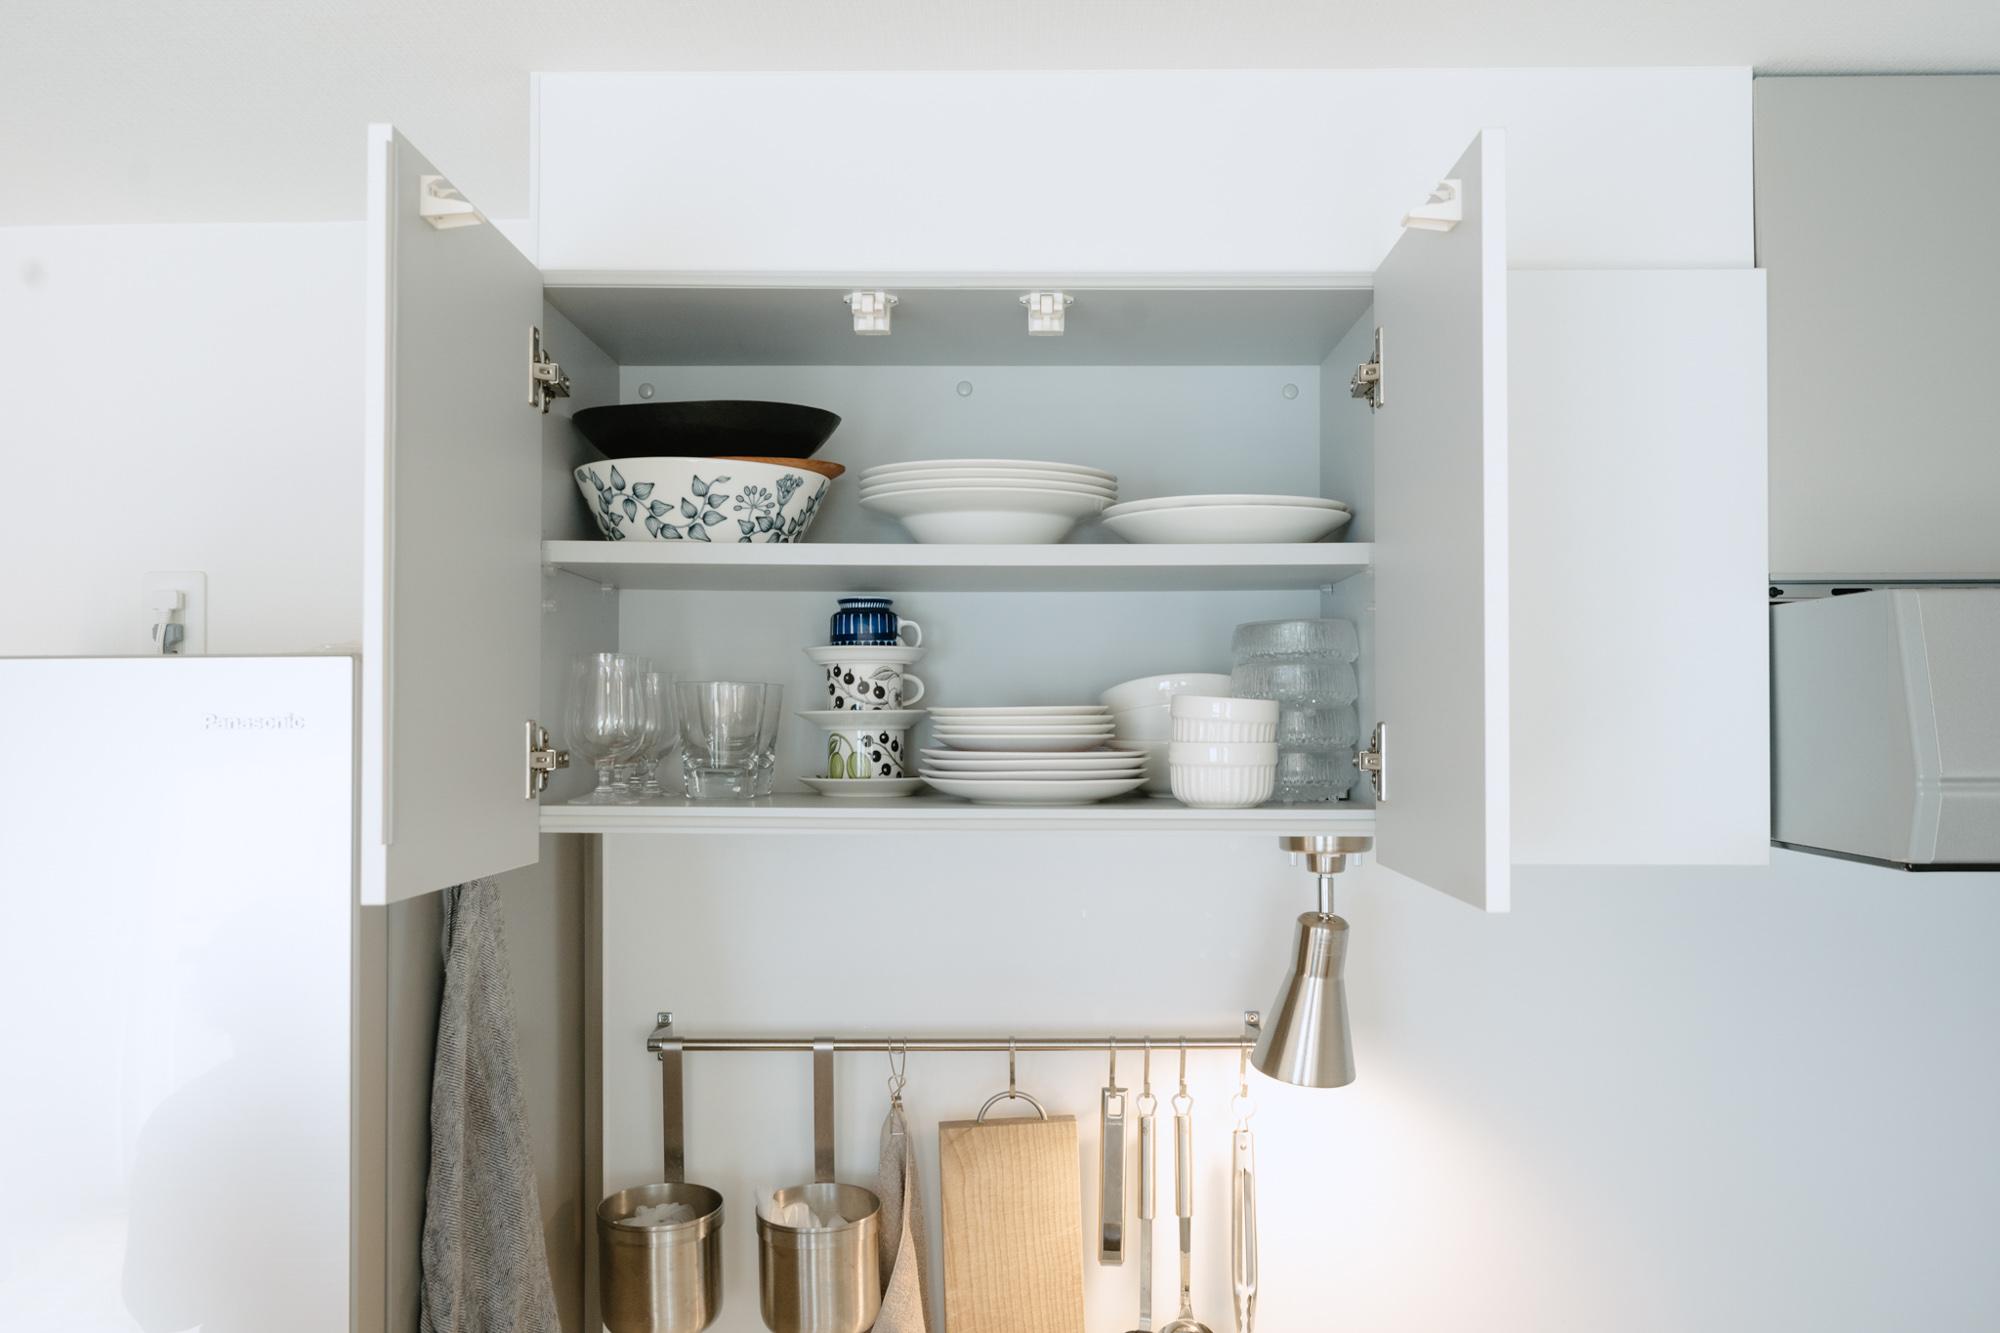 食器類も、キッチンのスペースにゆとりはありますがあえて食器棚をおかず、もともとの収納に入る分だけ。